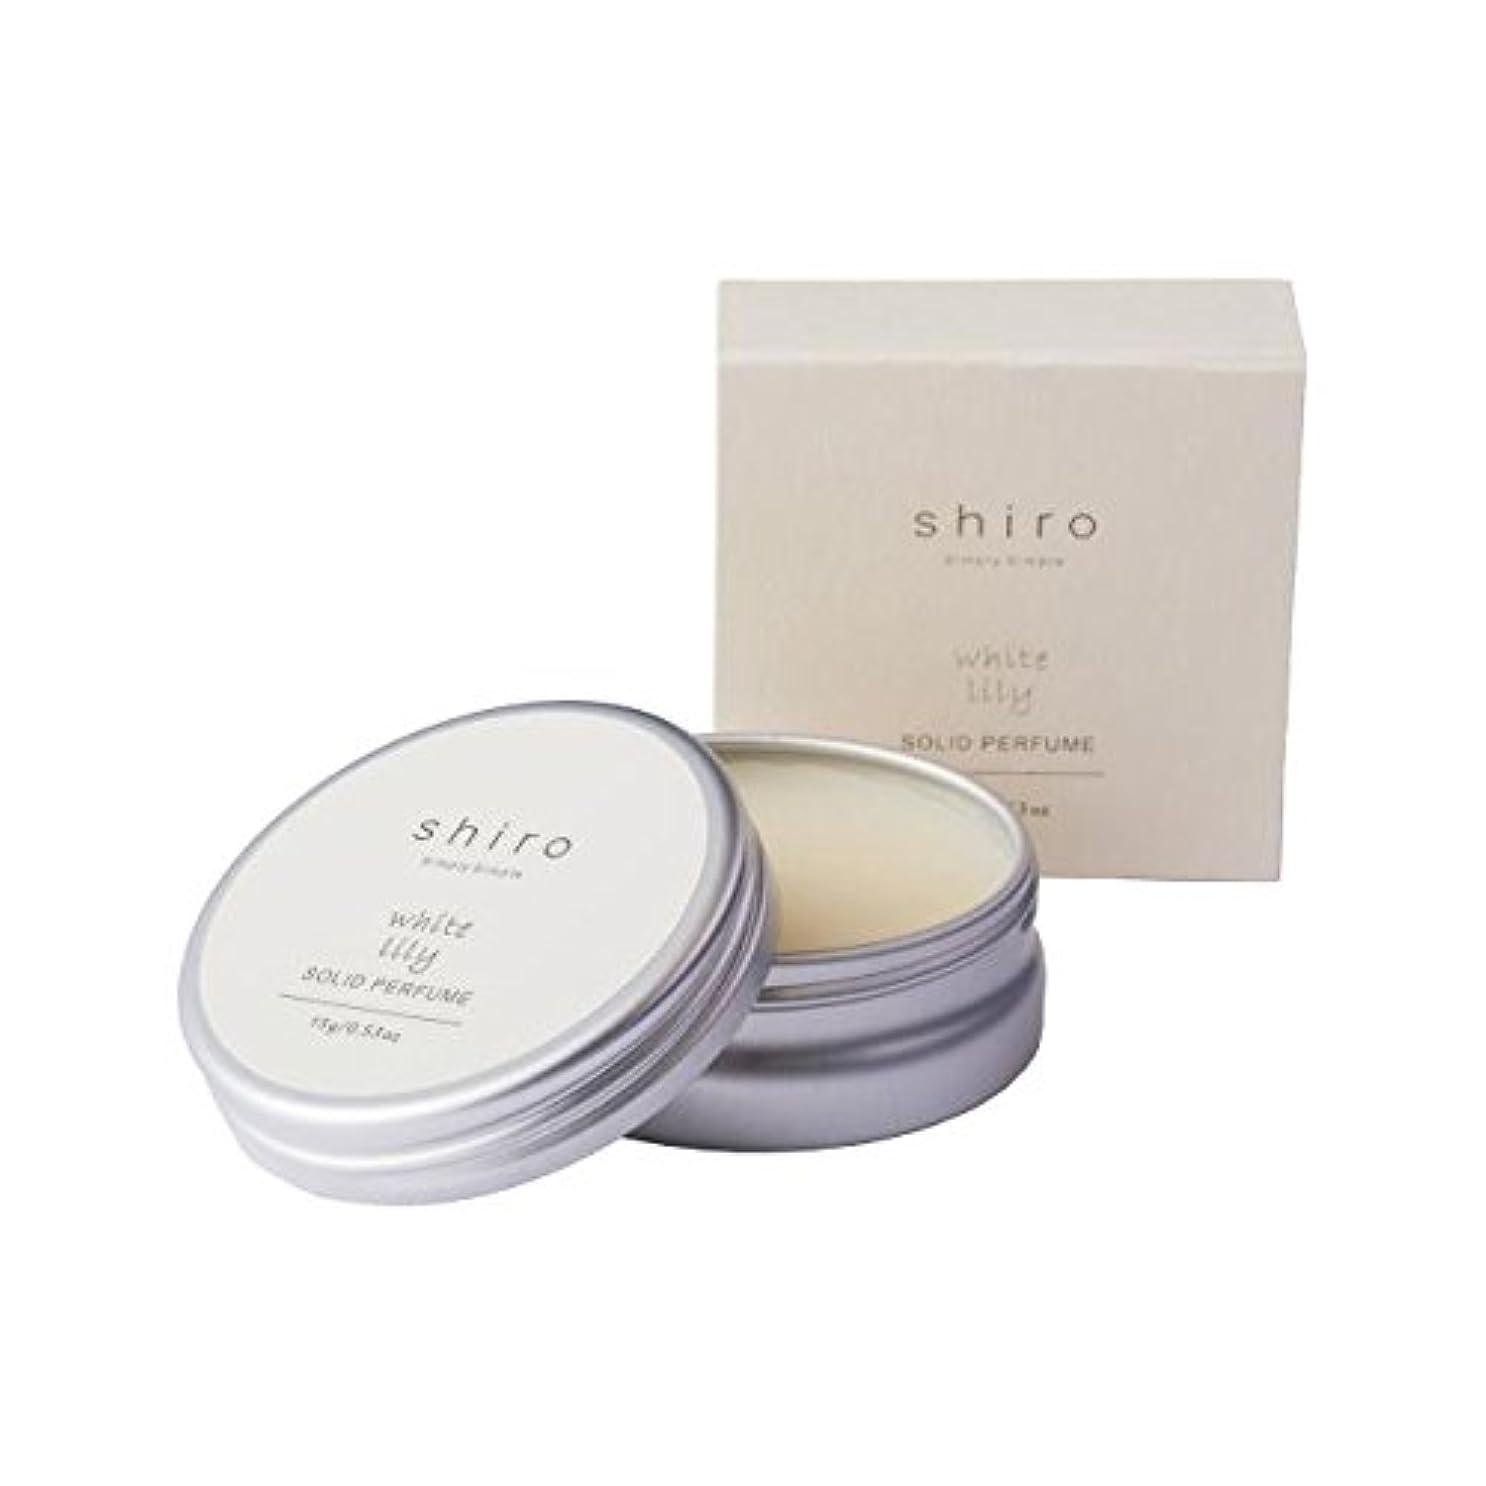 建築家フェローシップ入力shiro ホワイトリリー シャンプーのような香り すっきりと清潔感 練り香水 シロ 固形タイプ フレグランス 保湿成分 指先の保湿ケア